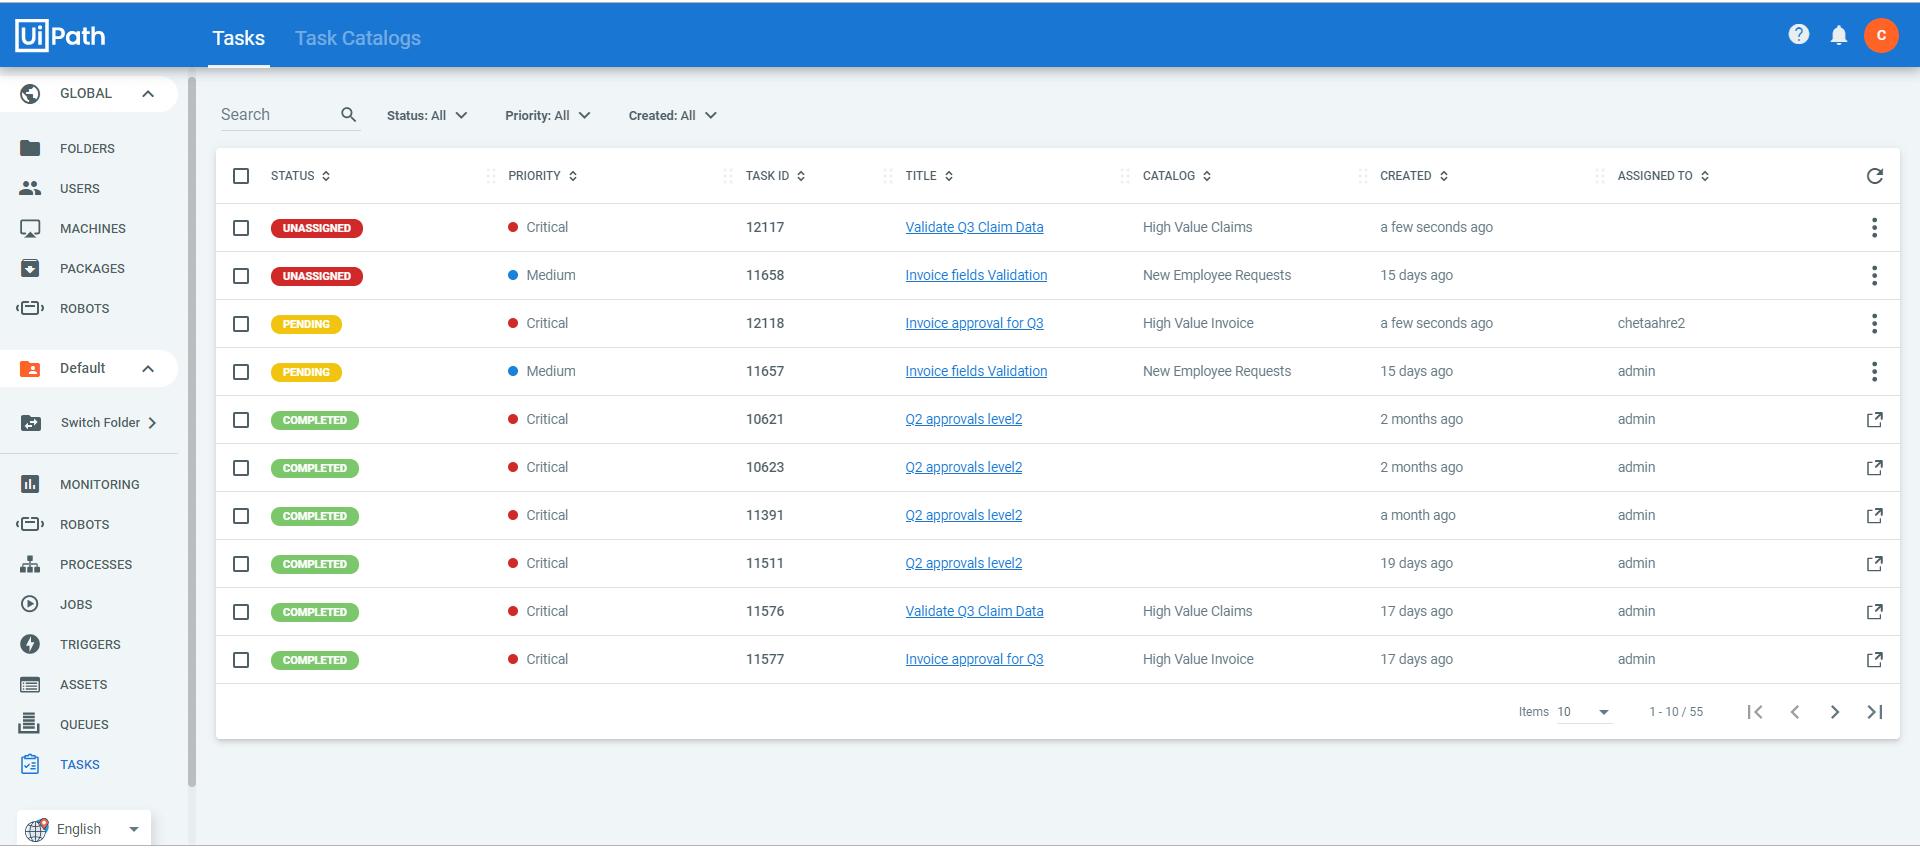 Tasks-inbox-uipath-apps